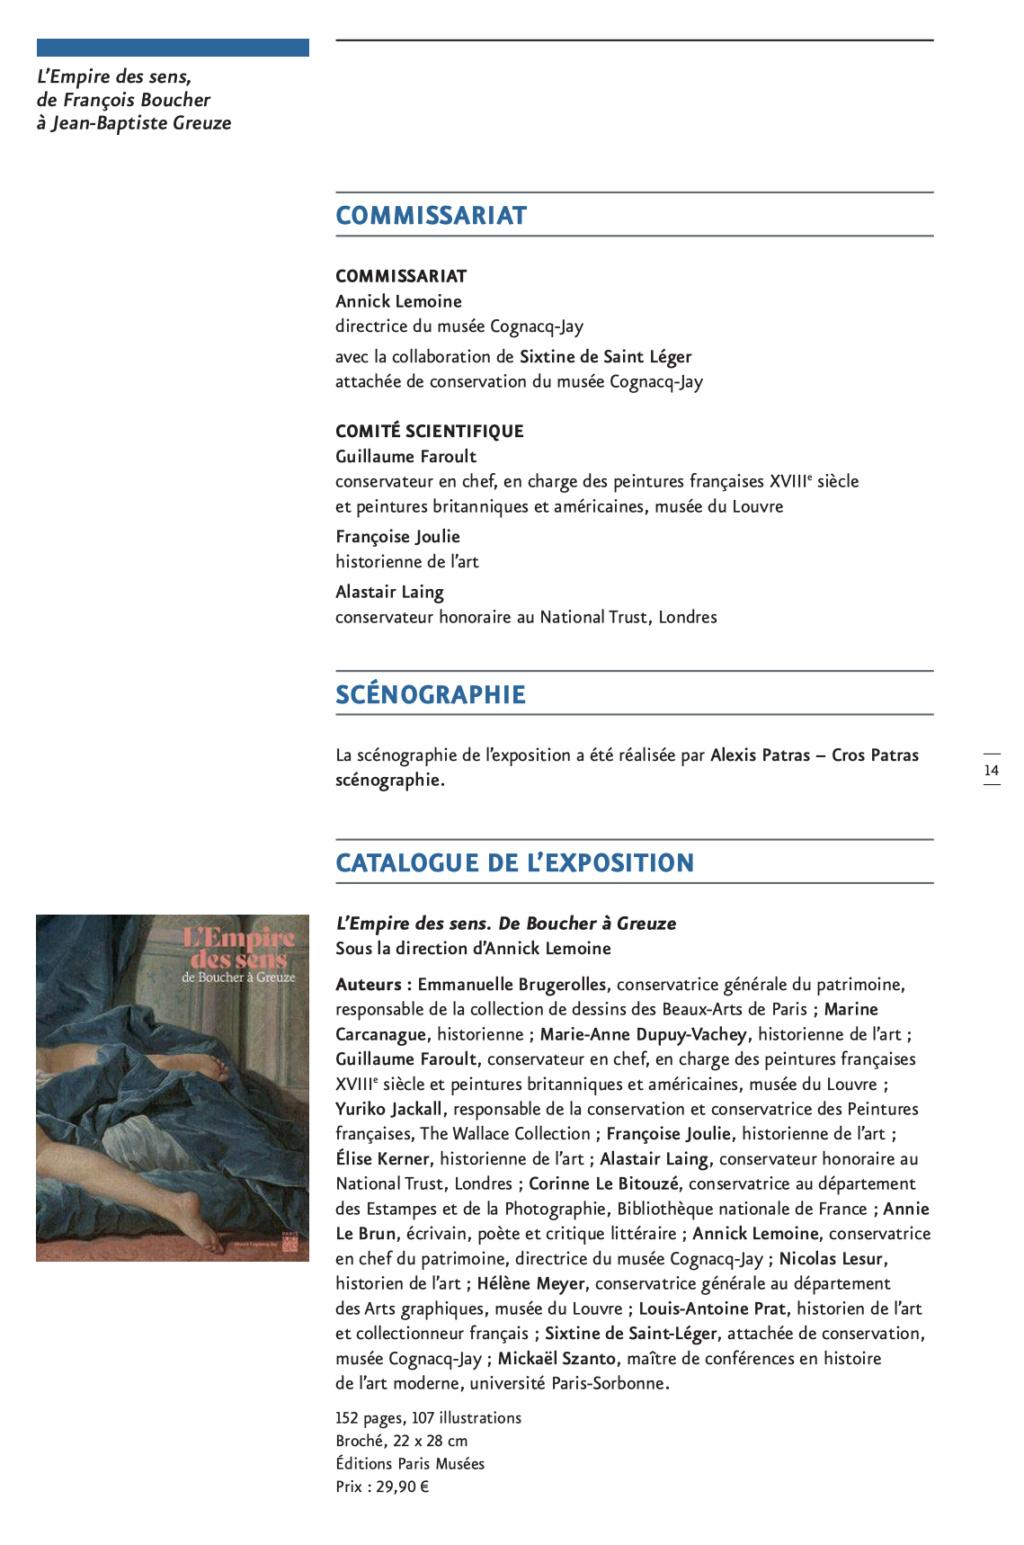 Exposition : L'Empire des sens, de François Boucher à Jean-Baptiste Greuze, au musée Cognacq-Jay Capt2877